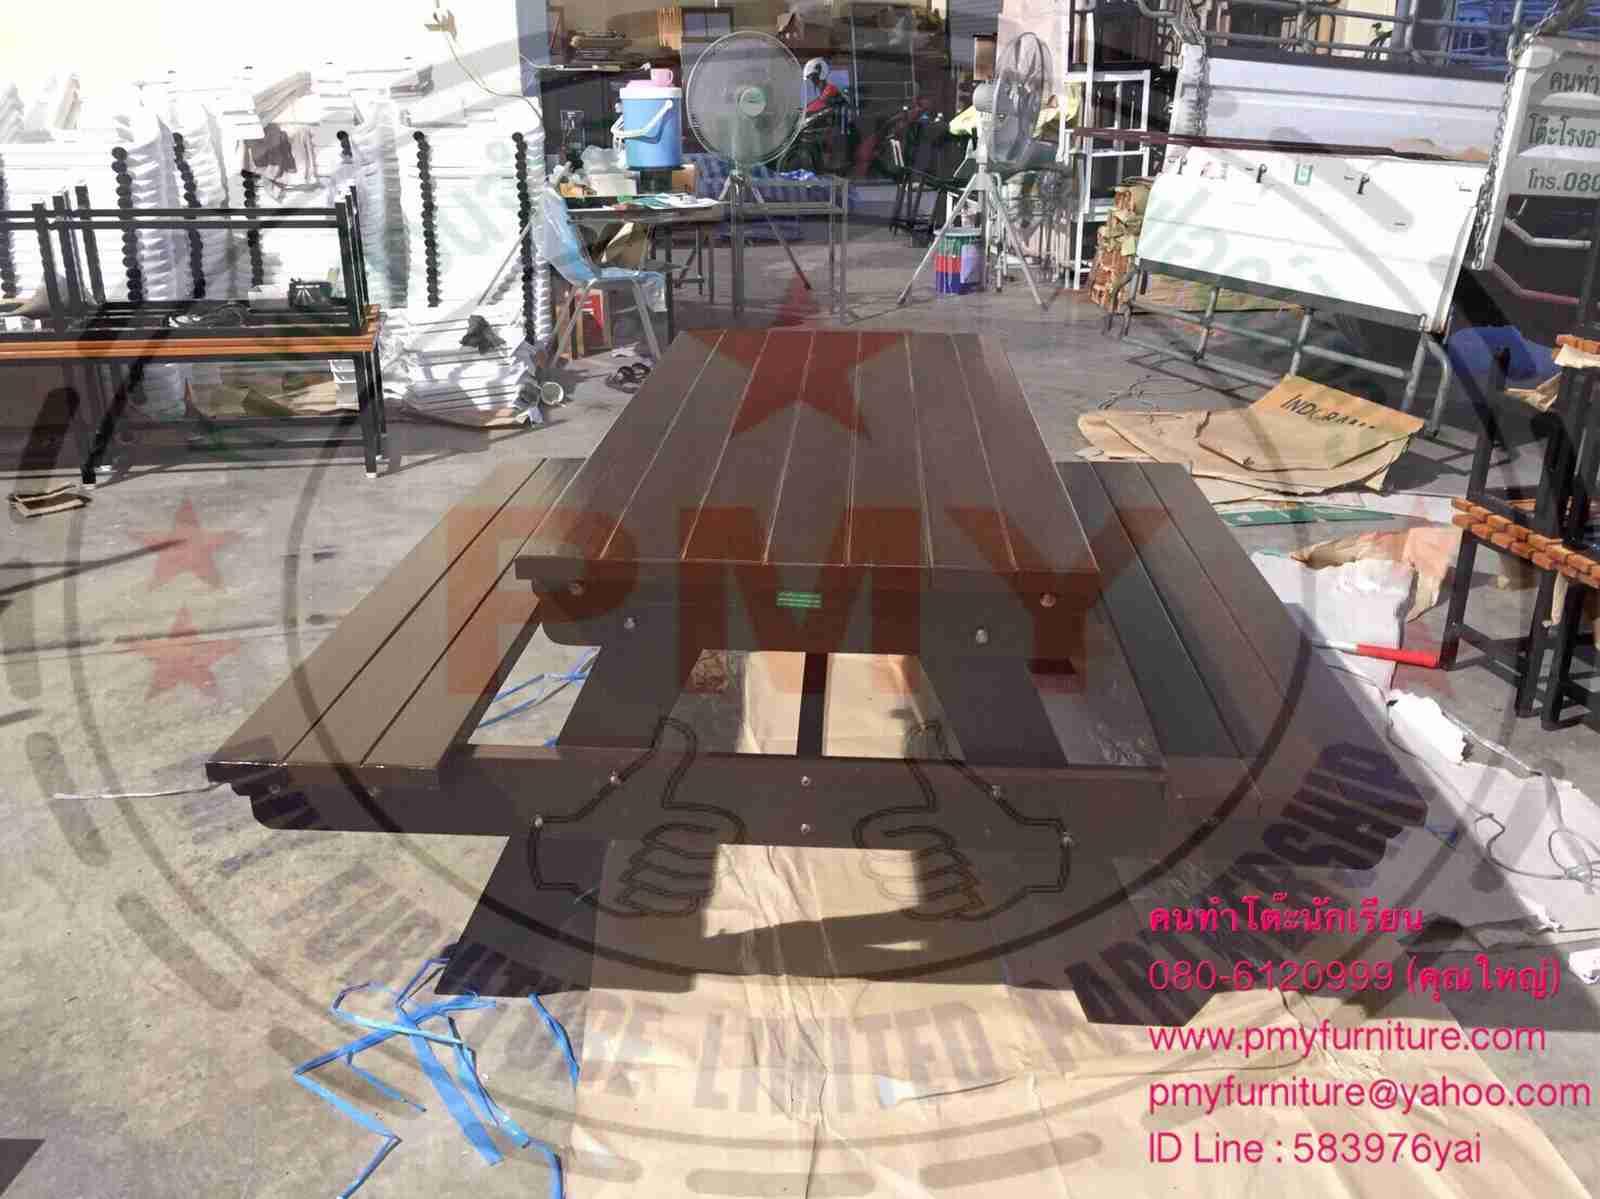 pmy5-30 โต๊ะโรงอาหาร ขาไขว์ไม้ทั้งตัว